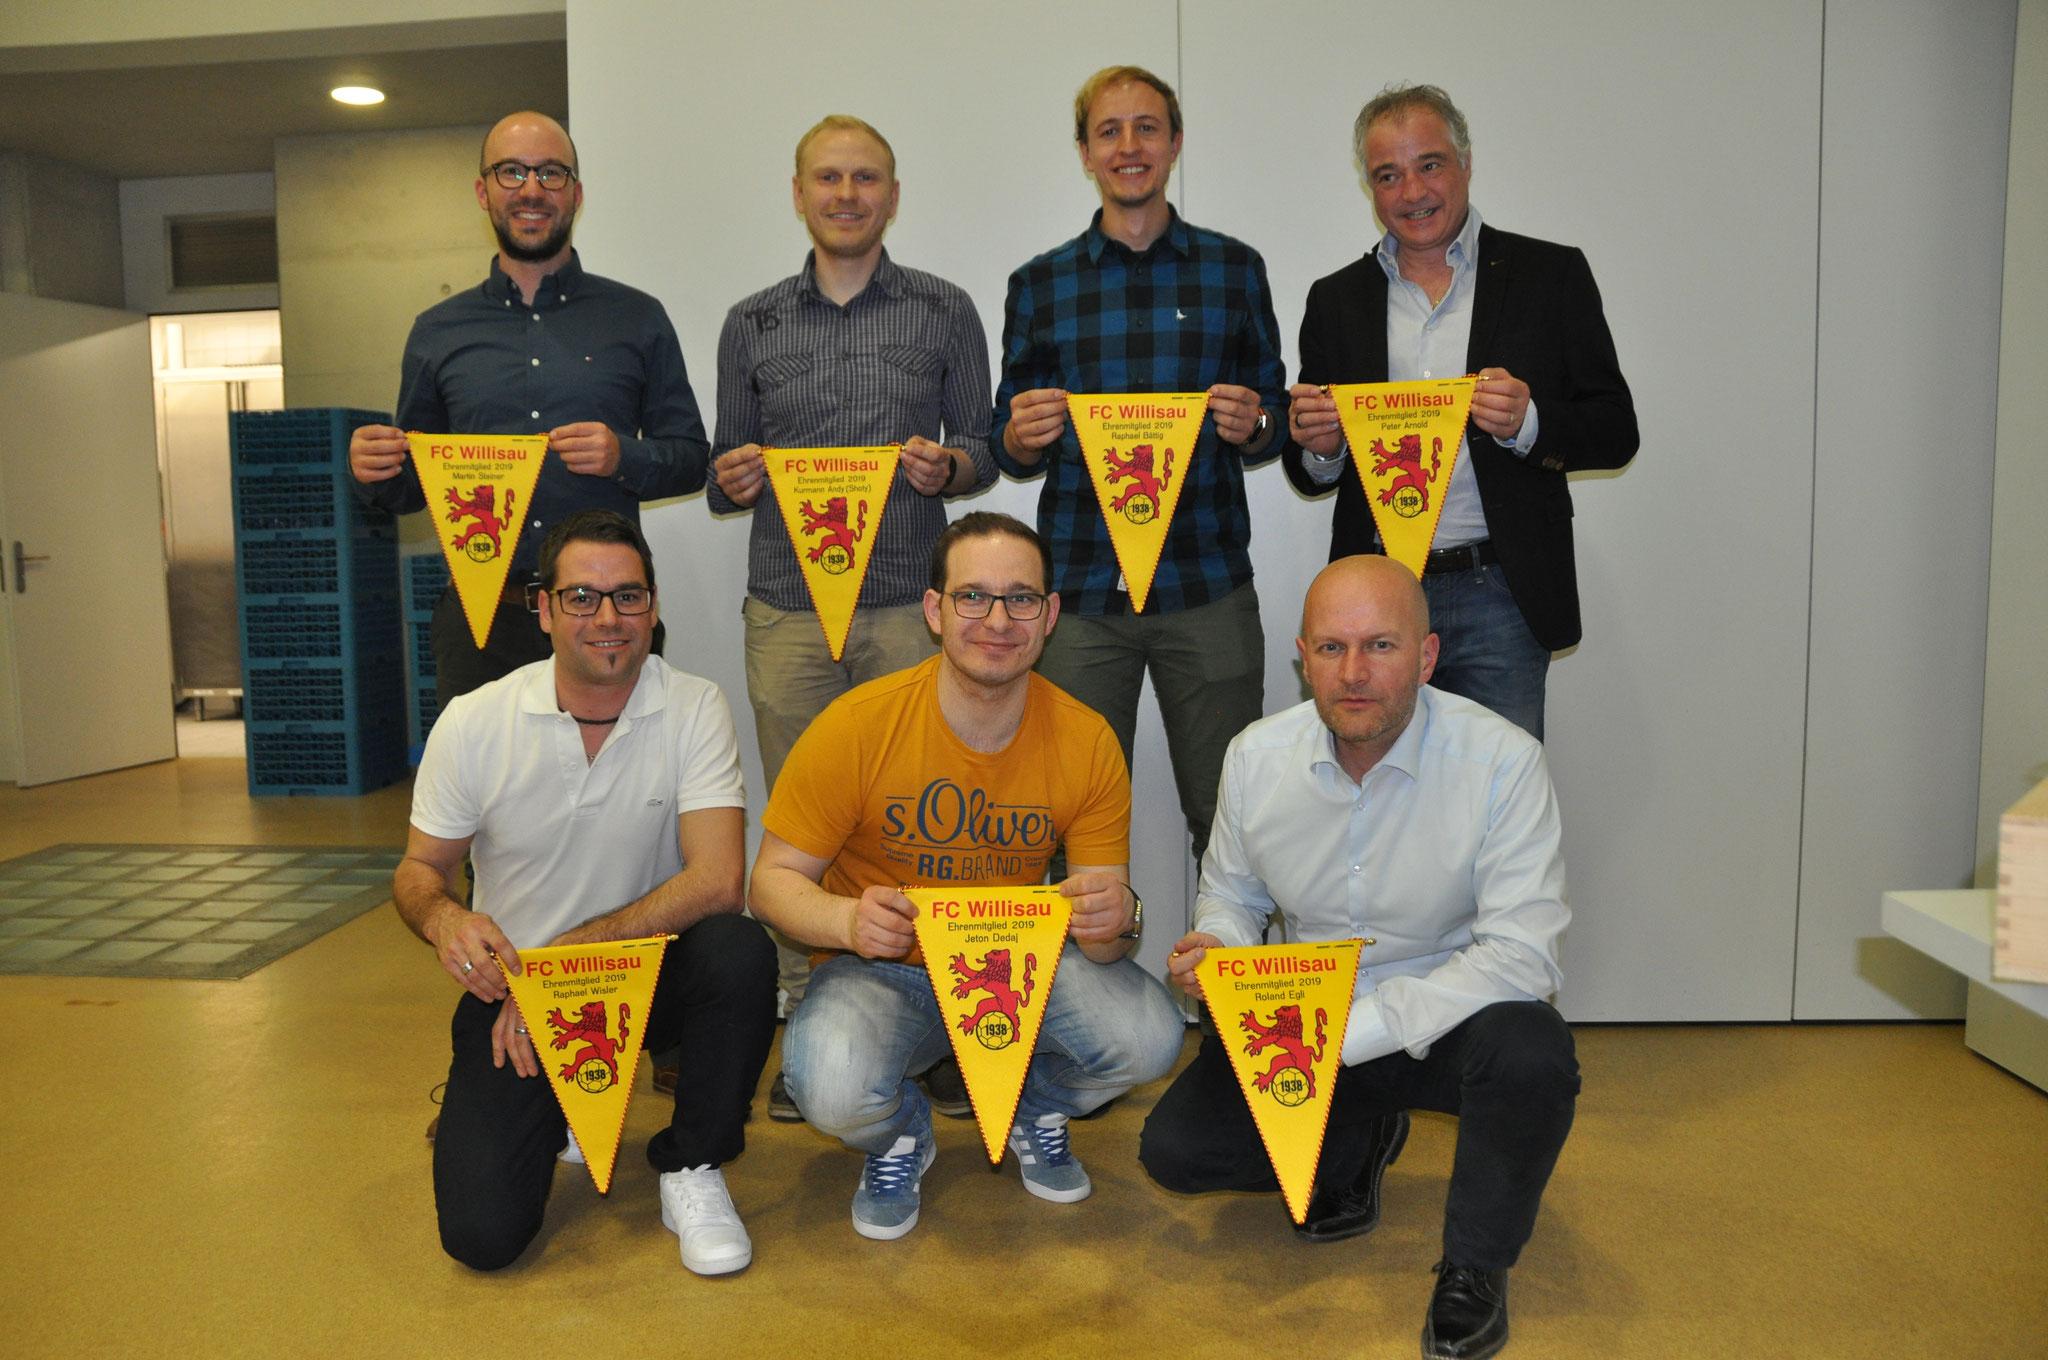 Die neuen Ehrenmitglieder: Martin Steiner, Raphael Wisler, Andreas Kurmann, Jeton Dedaj, Raphael Bättig, Roland Egli, Peter Arnold (von links nach rechts).